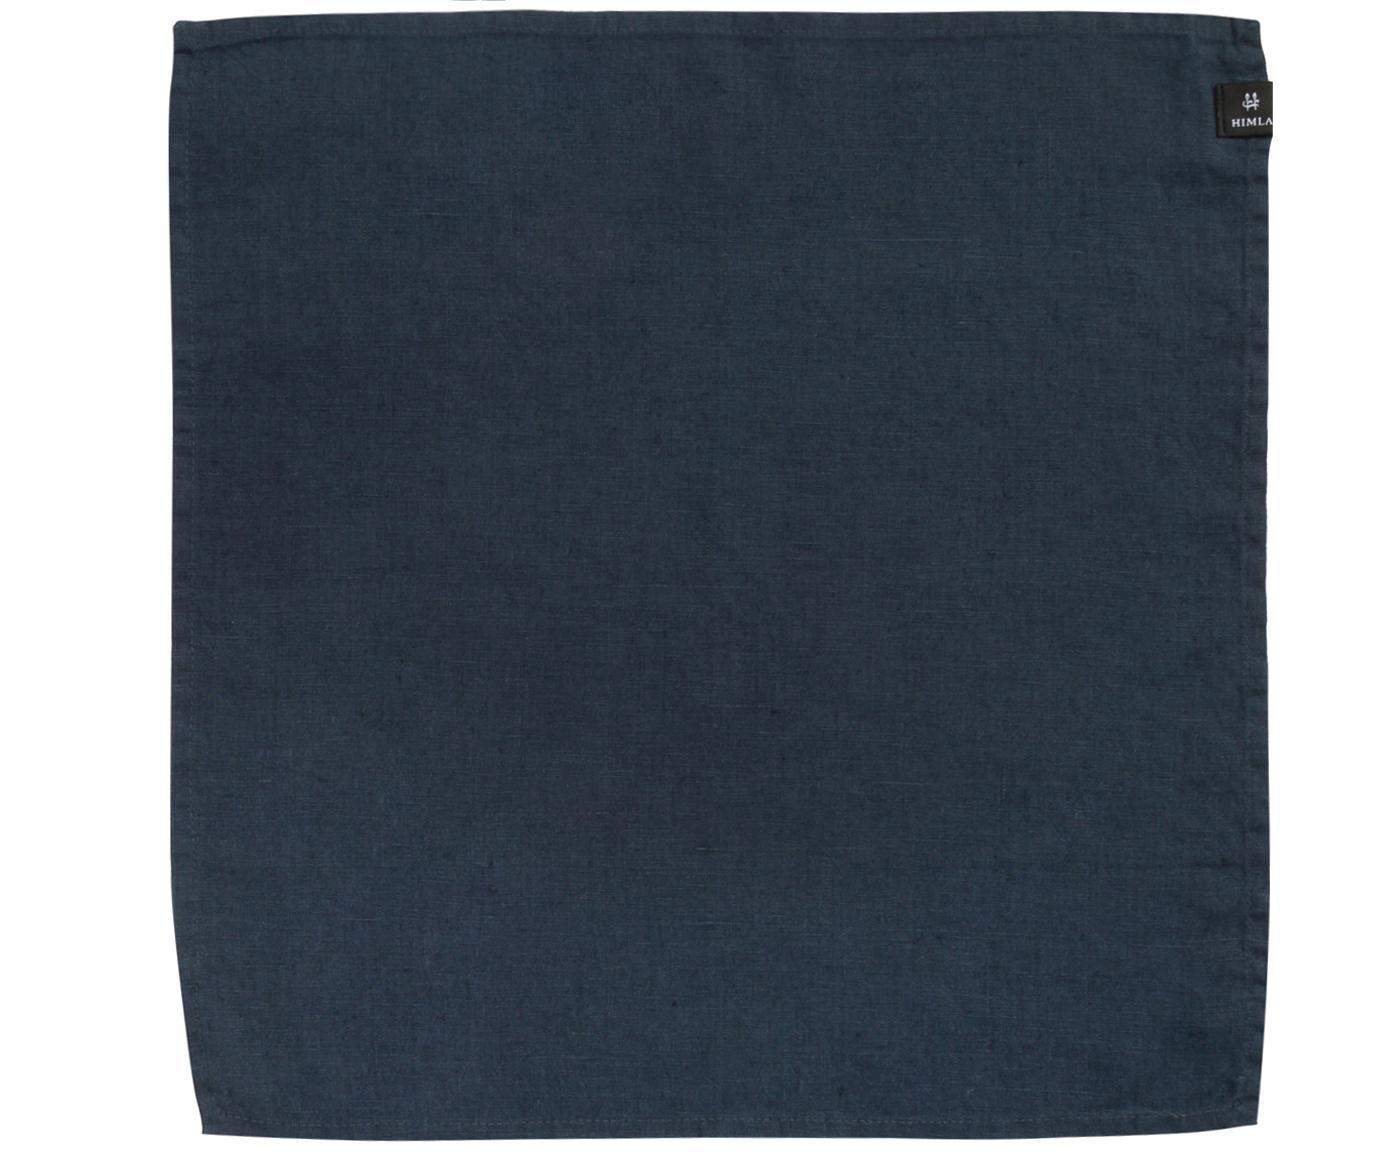 Tovagliolo in lino Sunshine 4 pz, Lino, Blu acciaio, Larghezza 45 cm x Lunghezza 45 cm